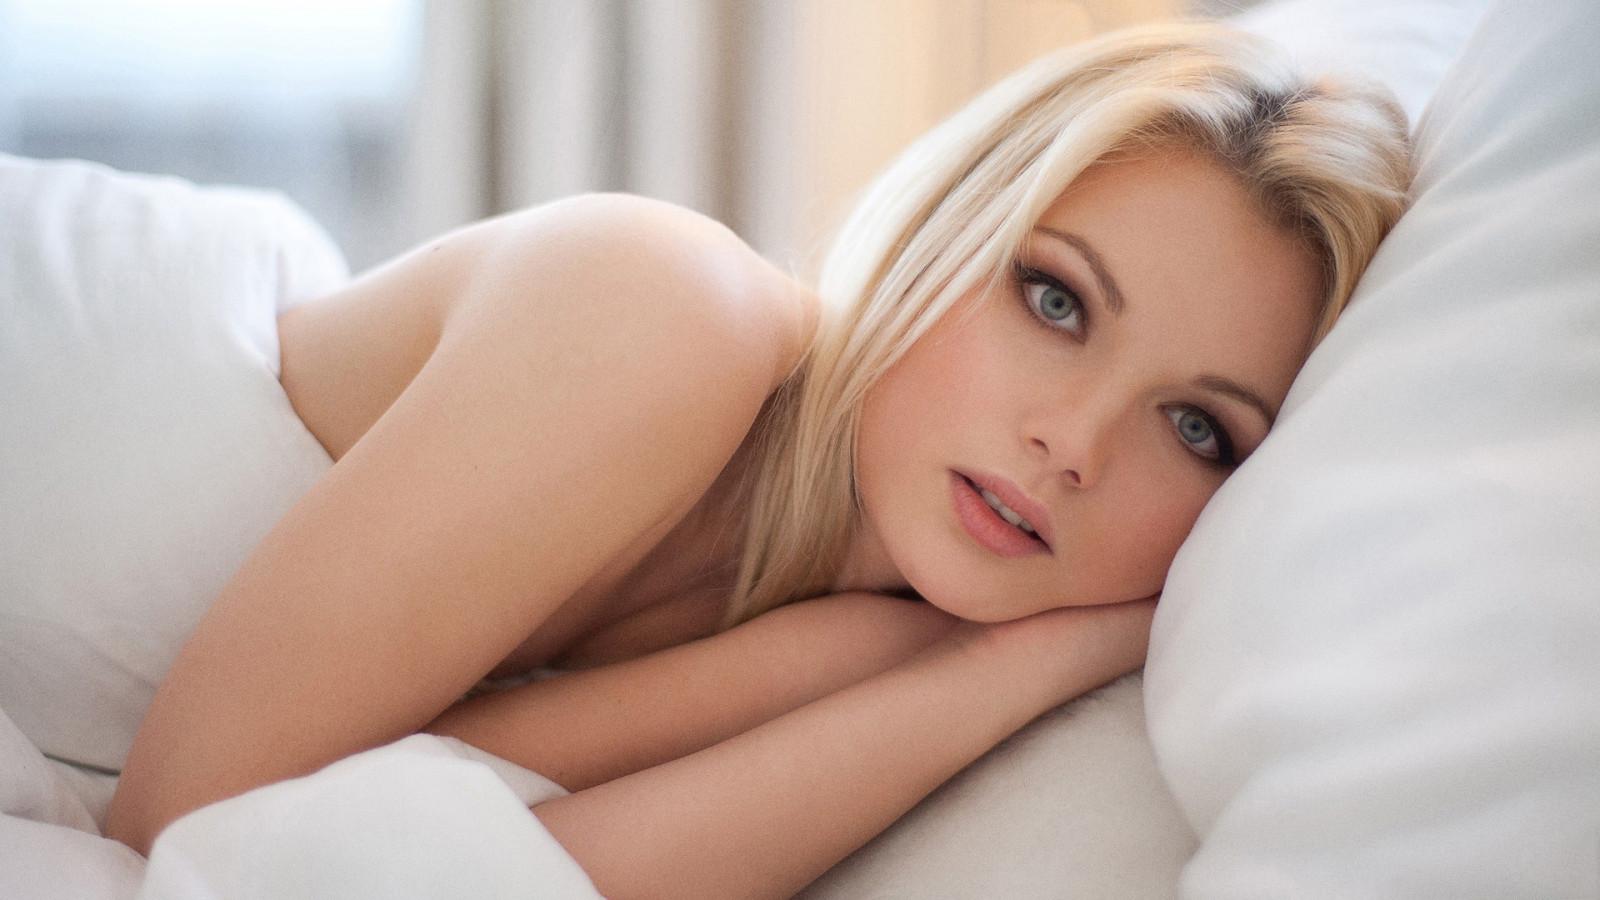 golaya-porno-foto-blondinok